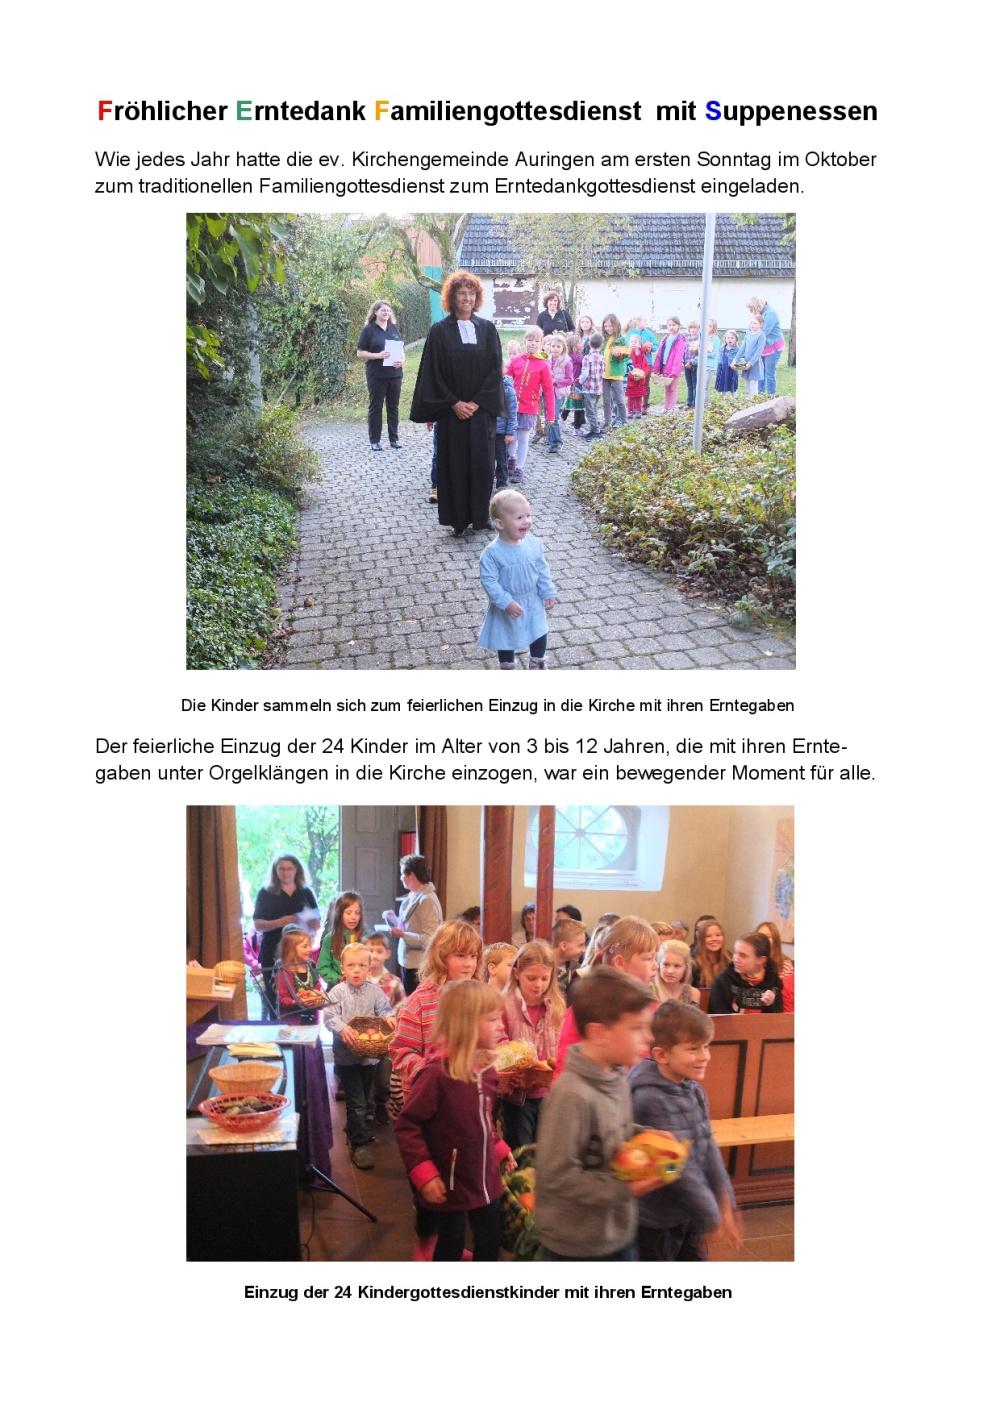 2016-10-02-erntedank-fami-godi-mit-suppenessen-001